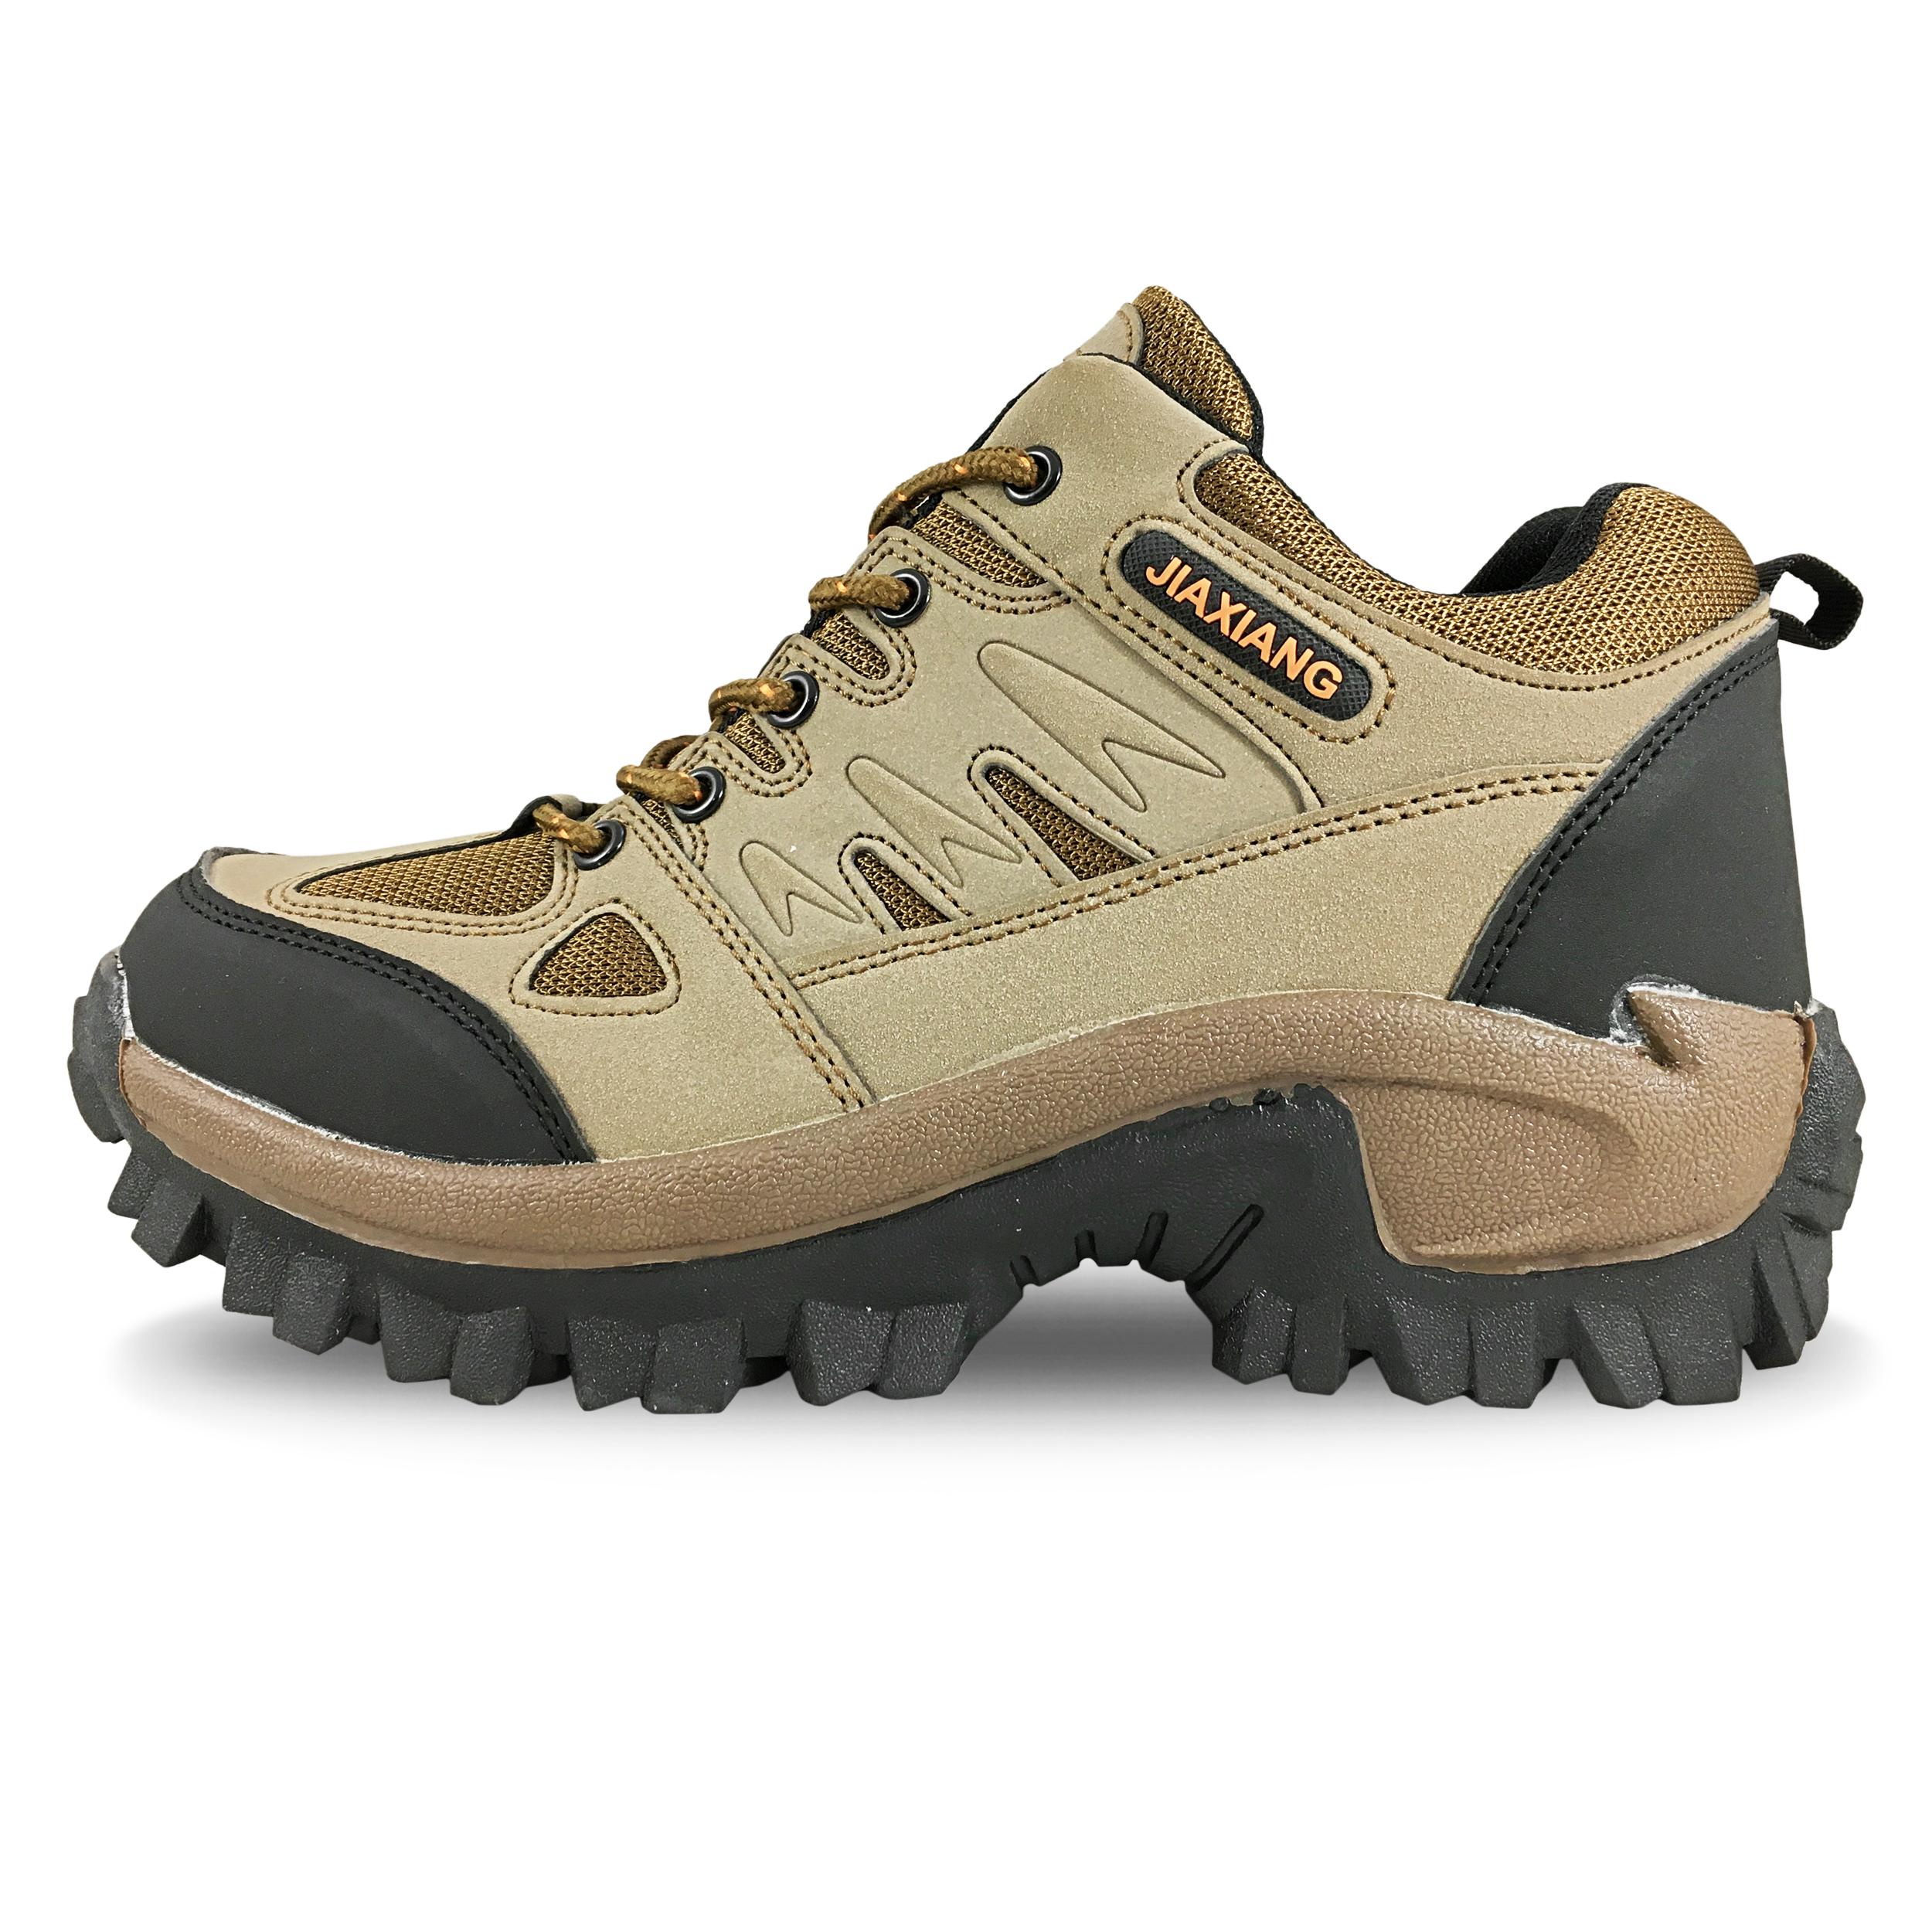 قیمت کفش مخصوص کوهنوردی مردانه جیاکسیانگ کد SJ104-3